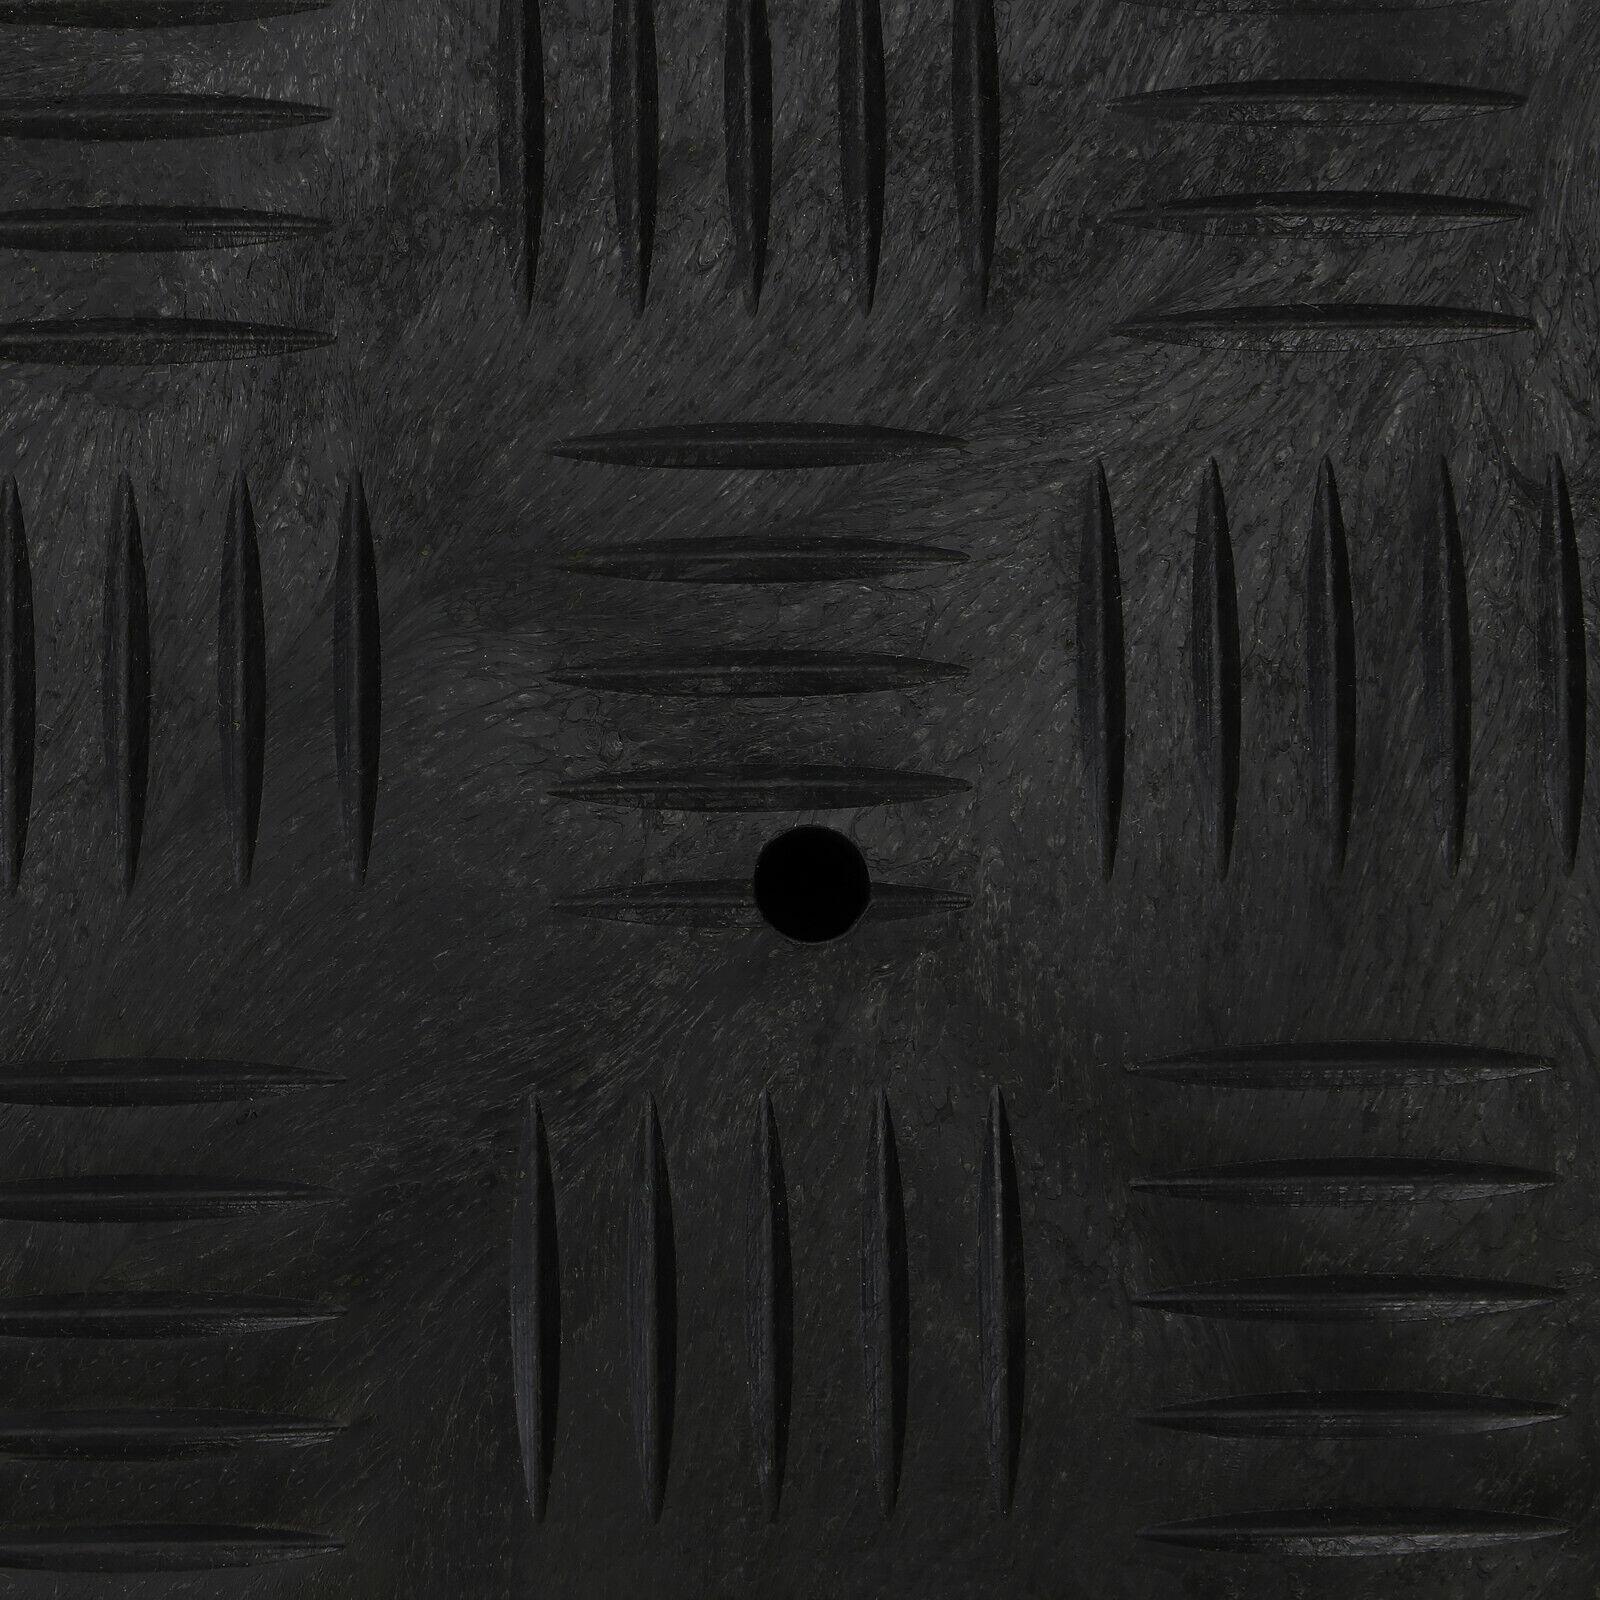 2m Vorzeltboden Zeltboden Bodenplatten Aus Kunststoff 50x50x5 Cm